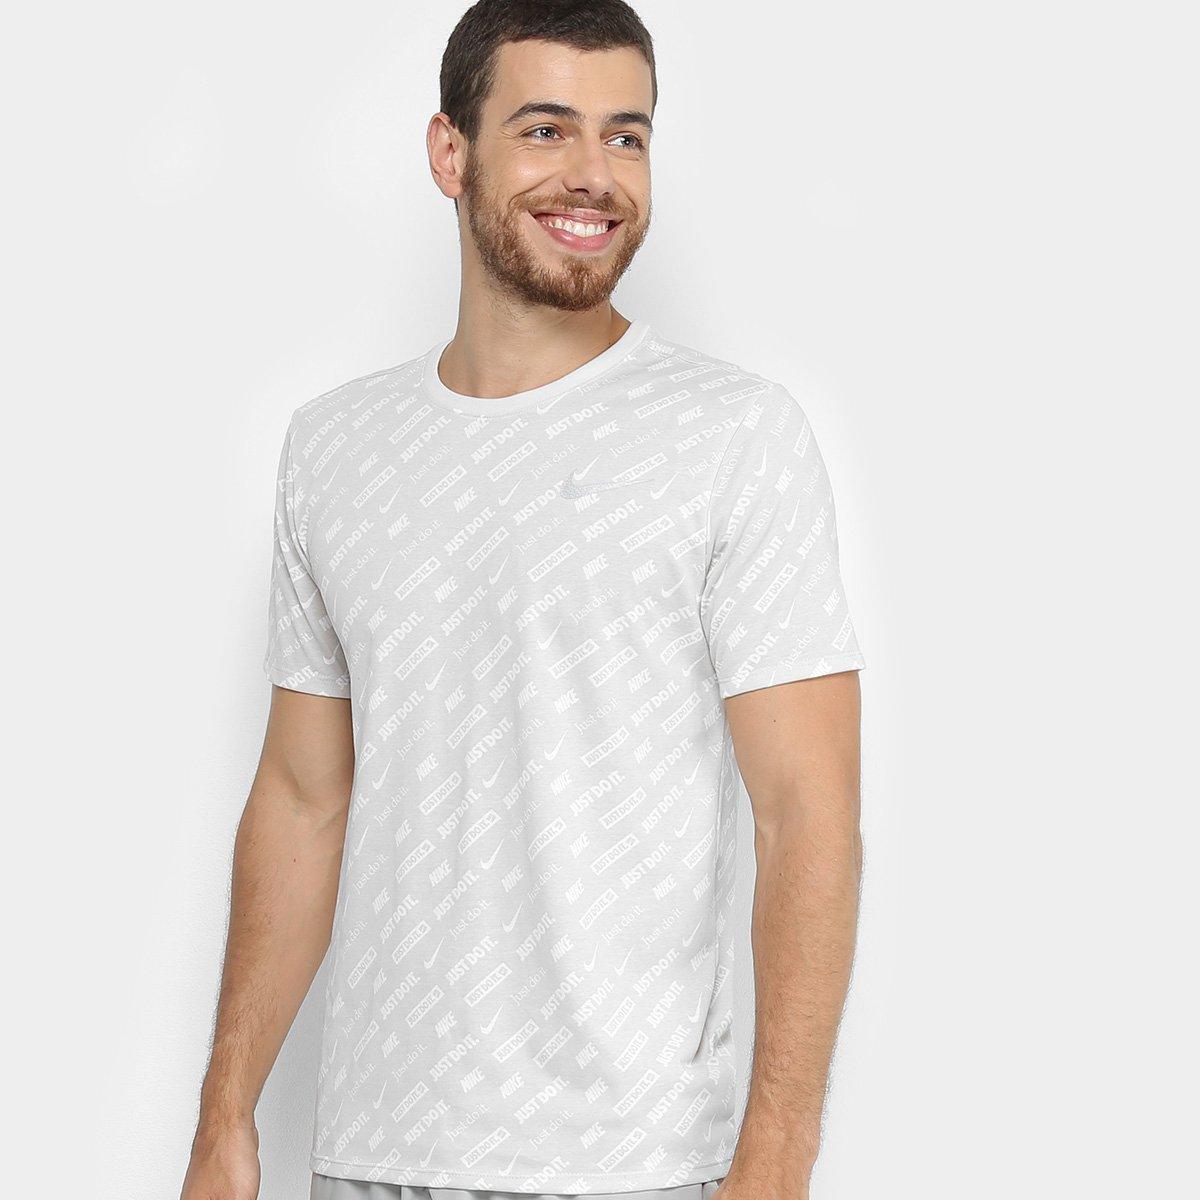 f8b45a6f2c7c9 Camiseta Nike Dri-Fit Masculina - Cinza e Branco - Compre Agora ...